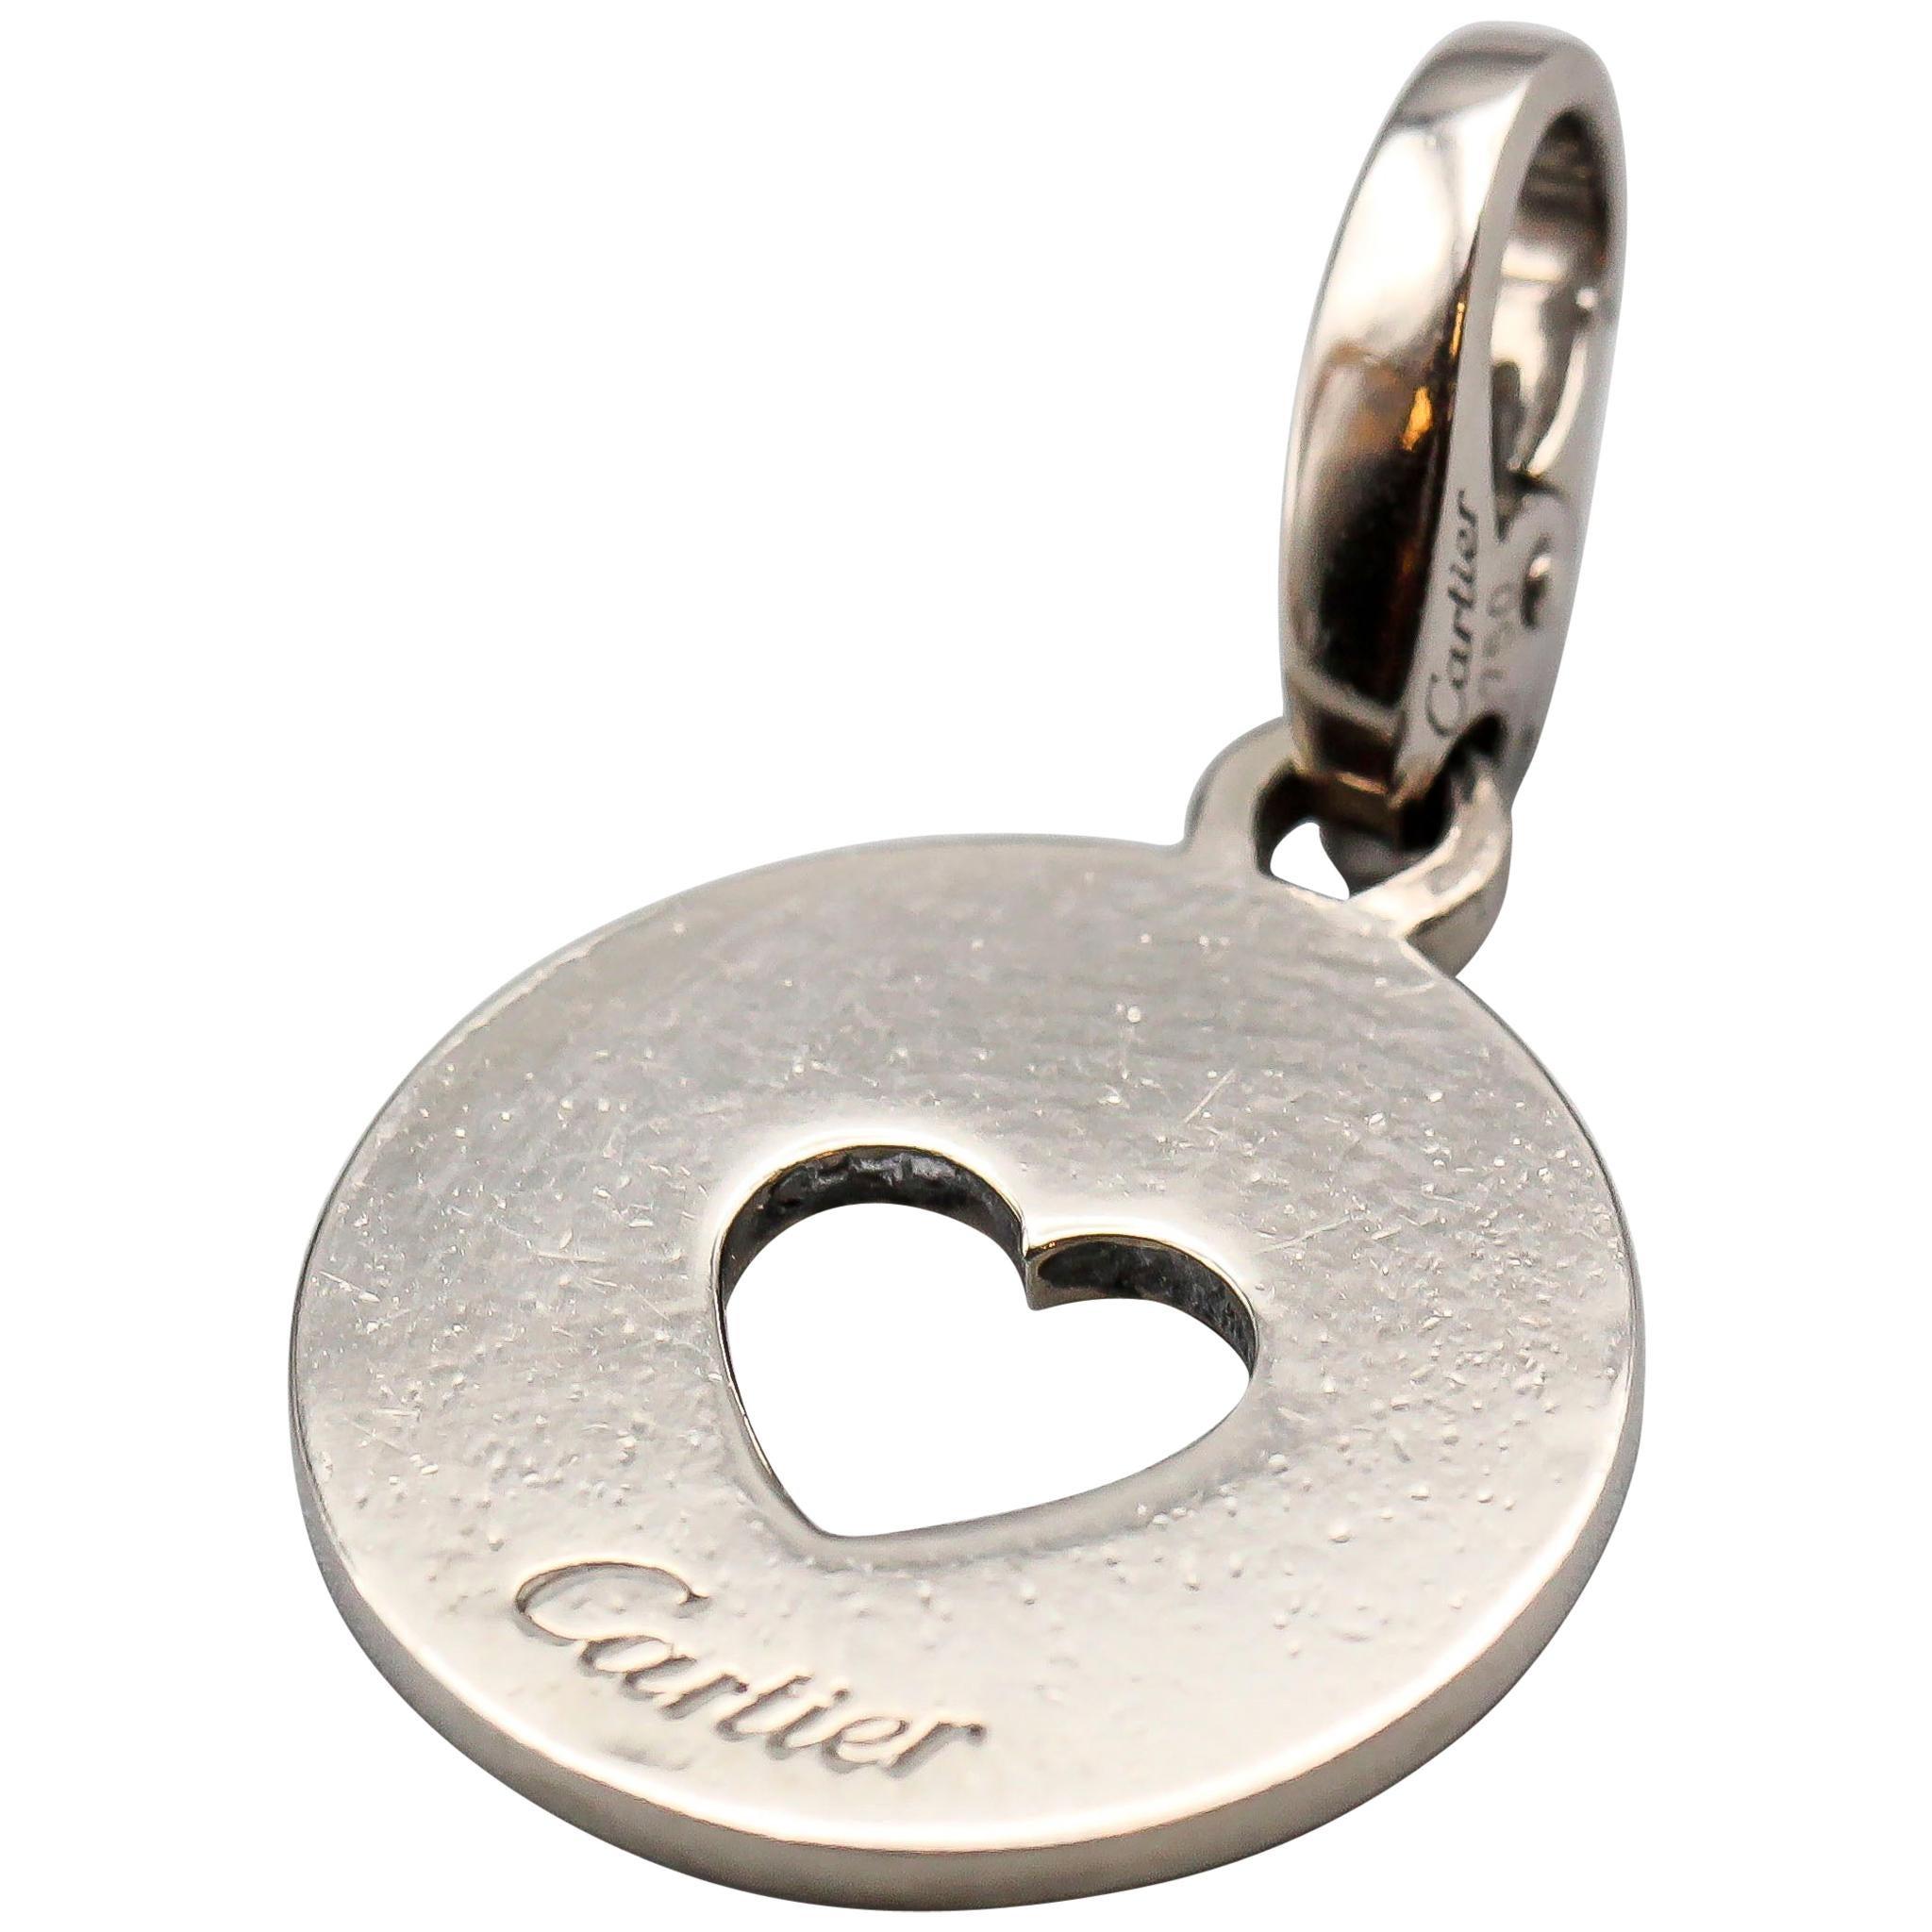 Cartier 18 Karat White Gold Heart Round Charm